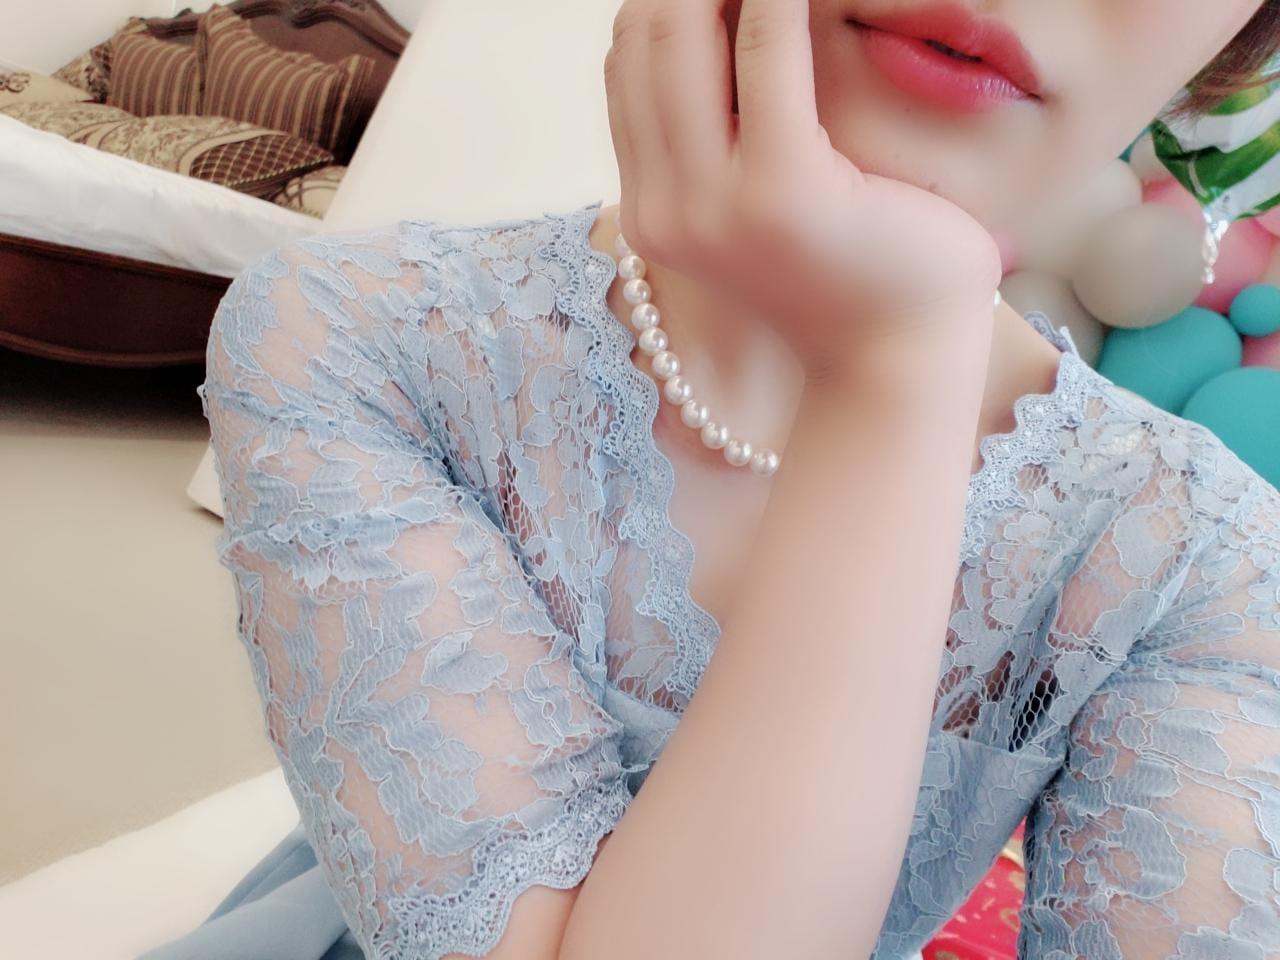 「実は」12/18(火) 00:22 | かえでの写メ・風俗動画